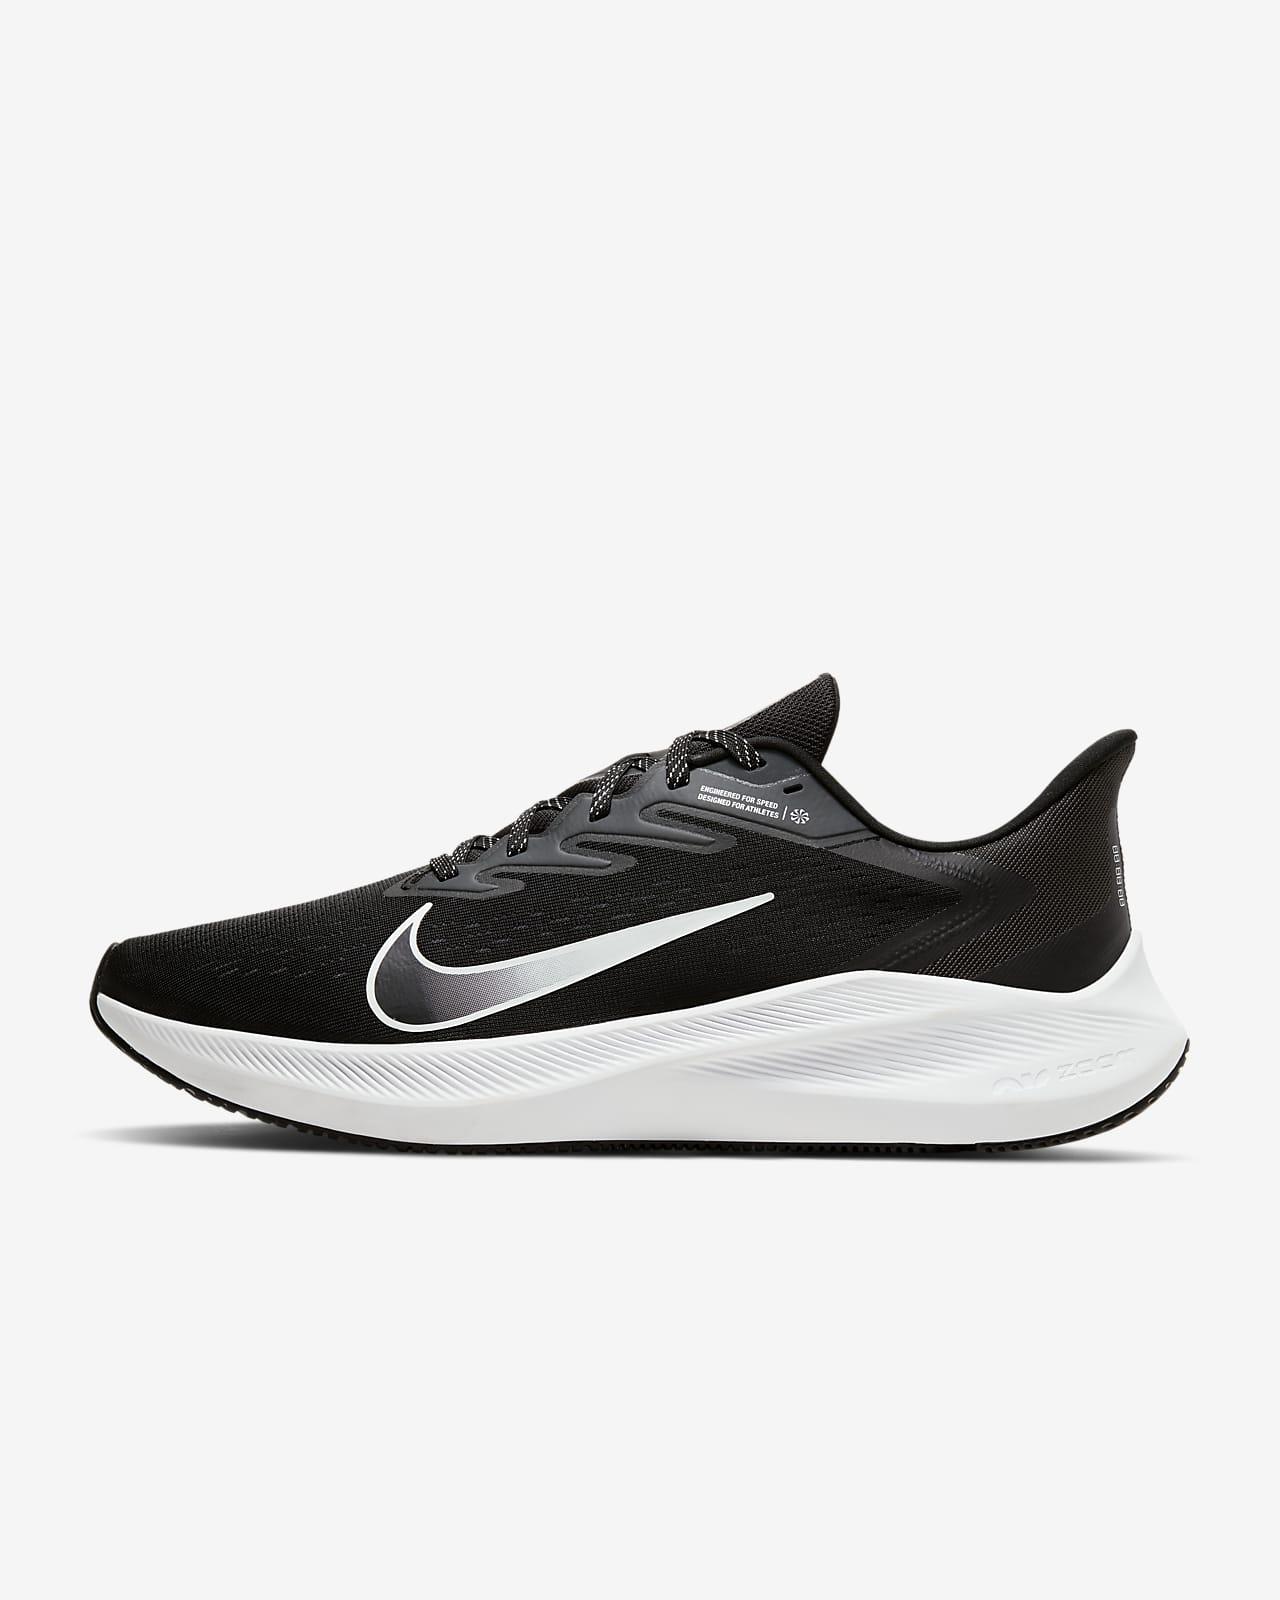 Pánské běžecké silniční boty Nike Air Zoom Winflo7